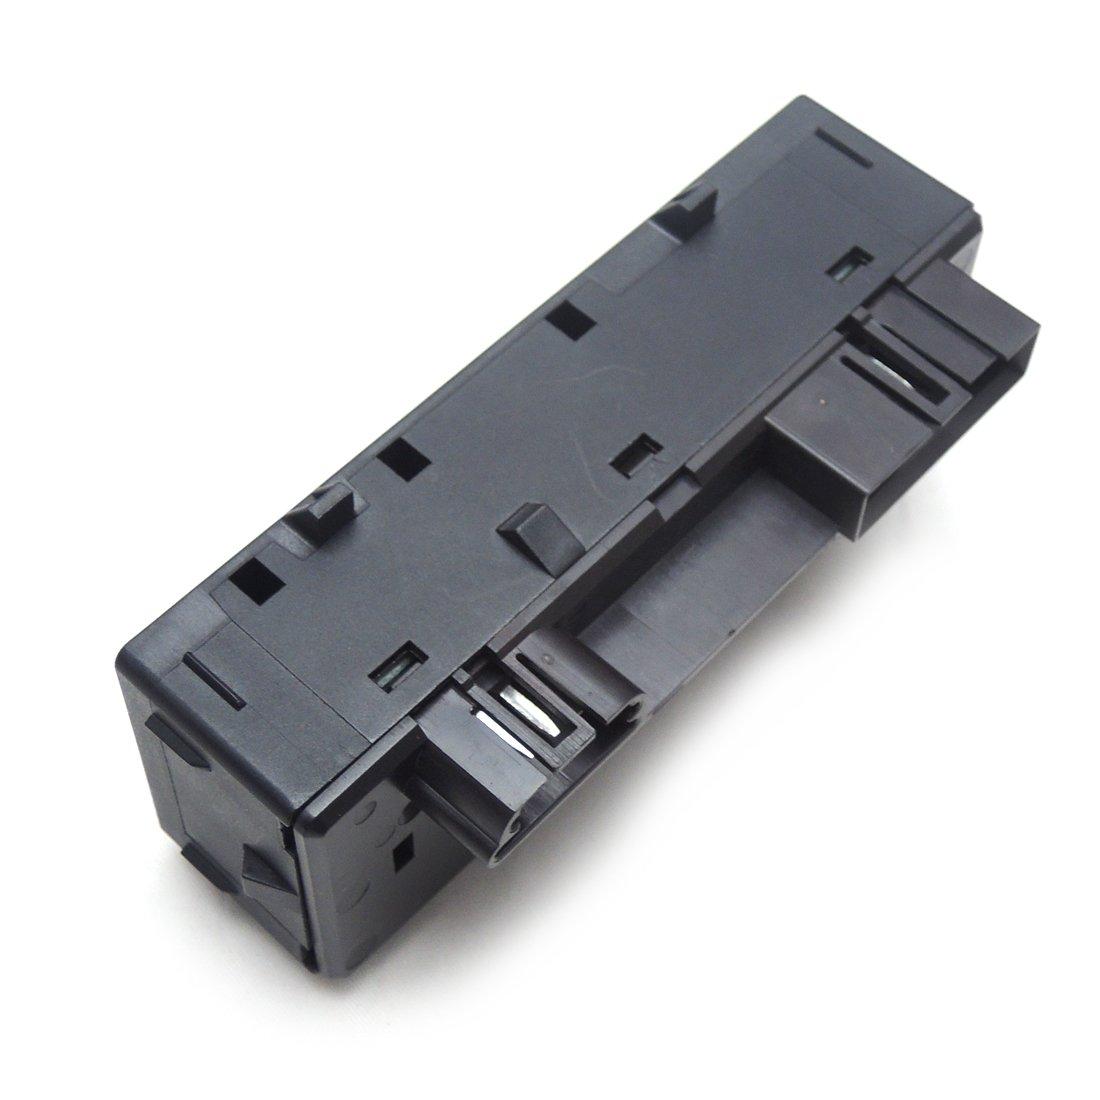 901072 4wd Switch for Chevy Silverado GMC Sierra 4x4 Switch